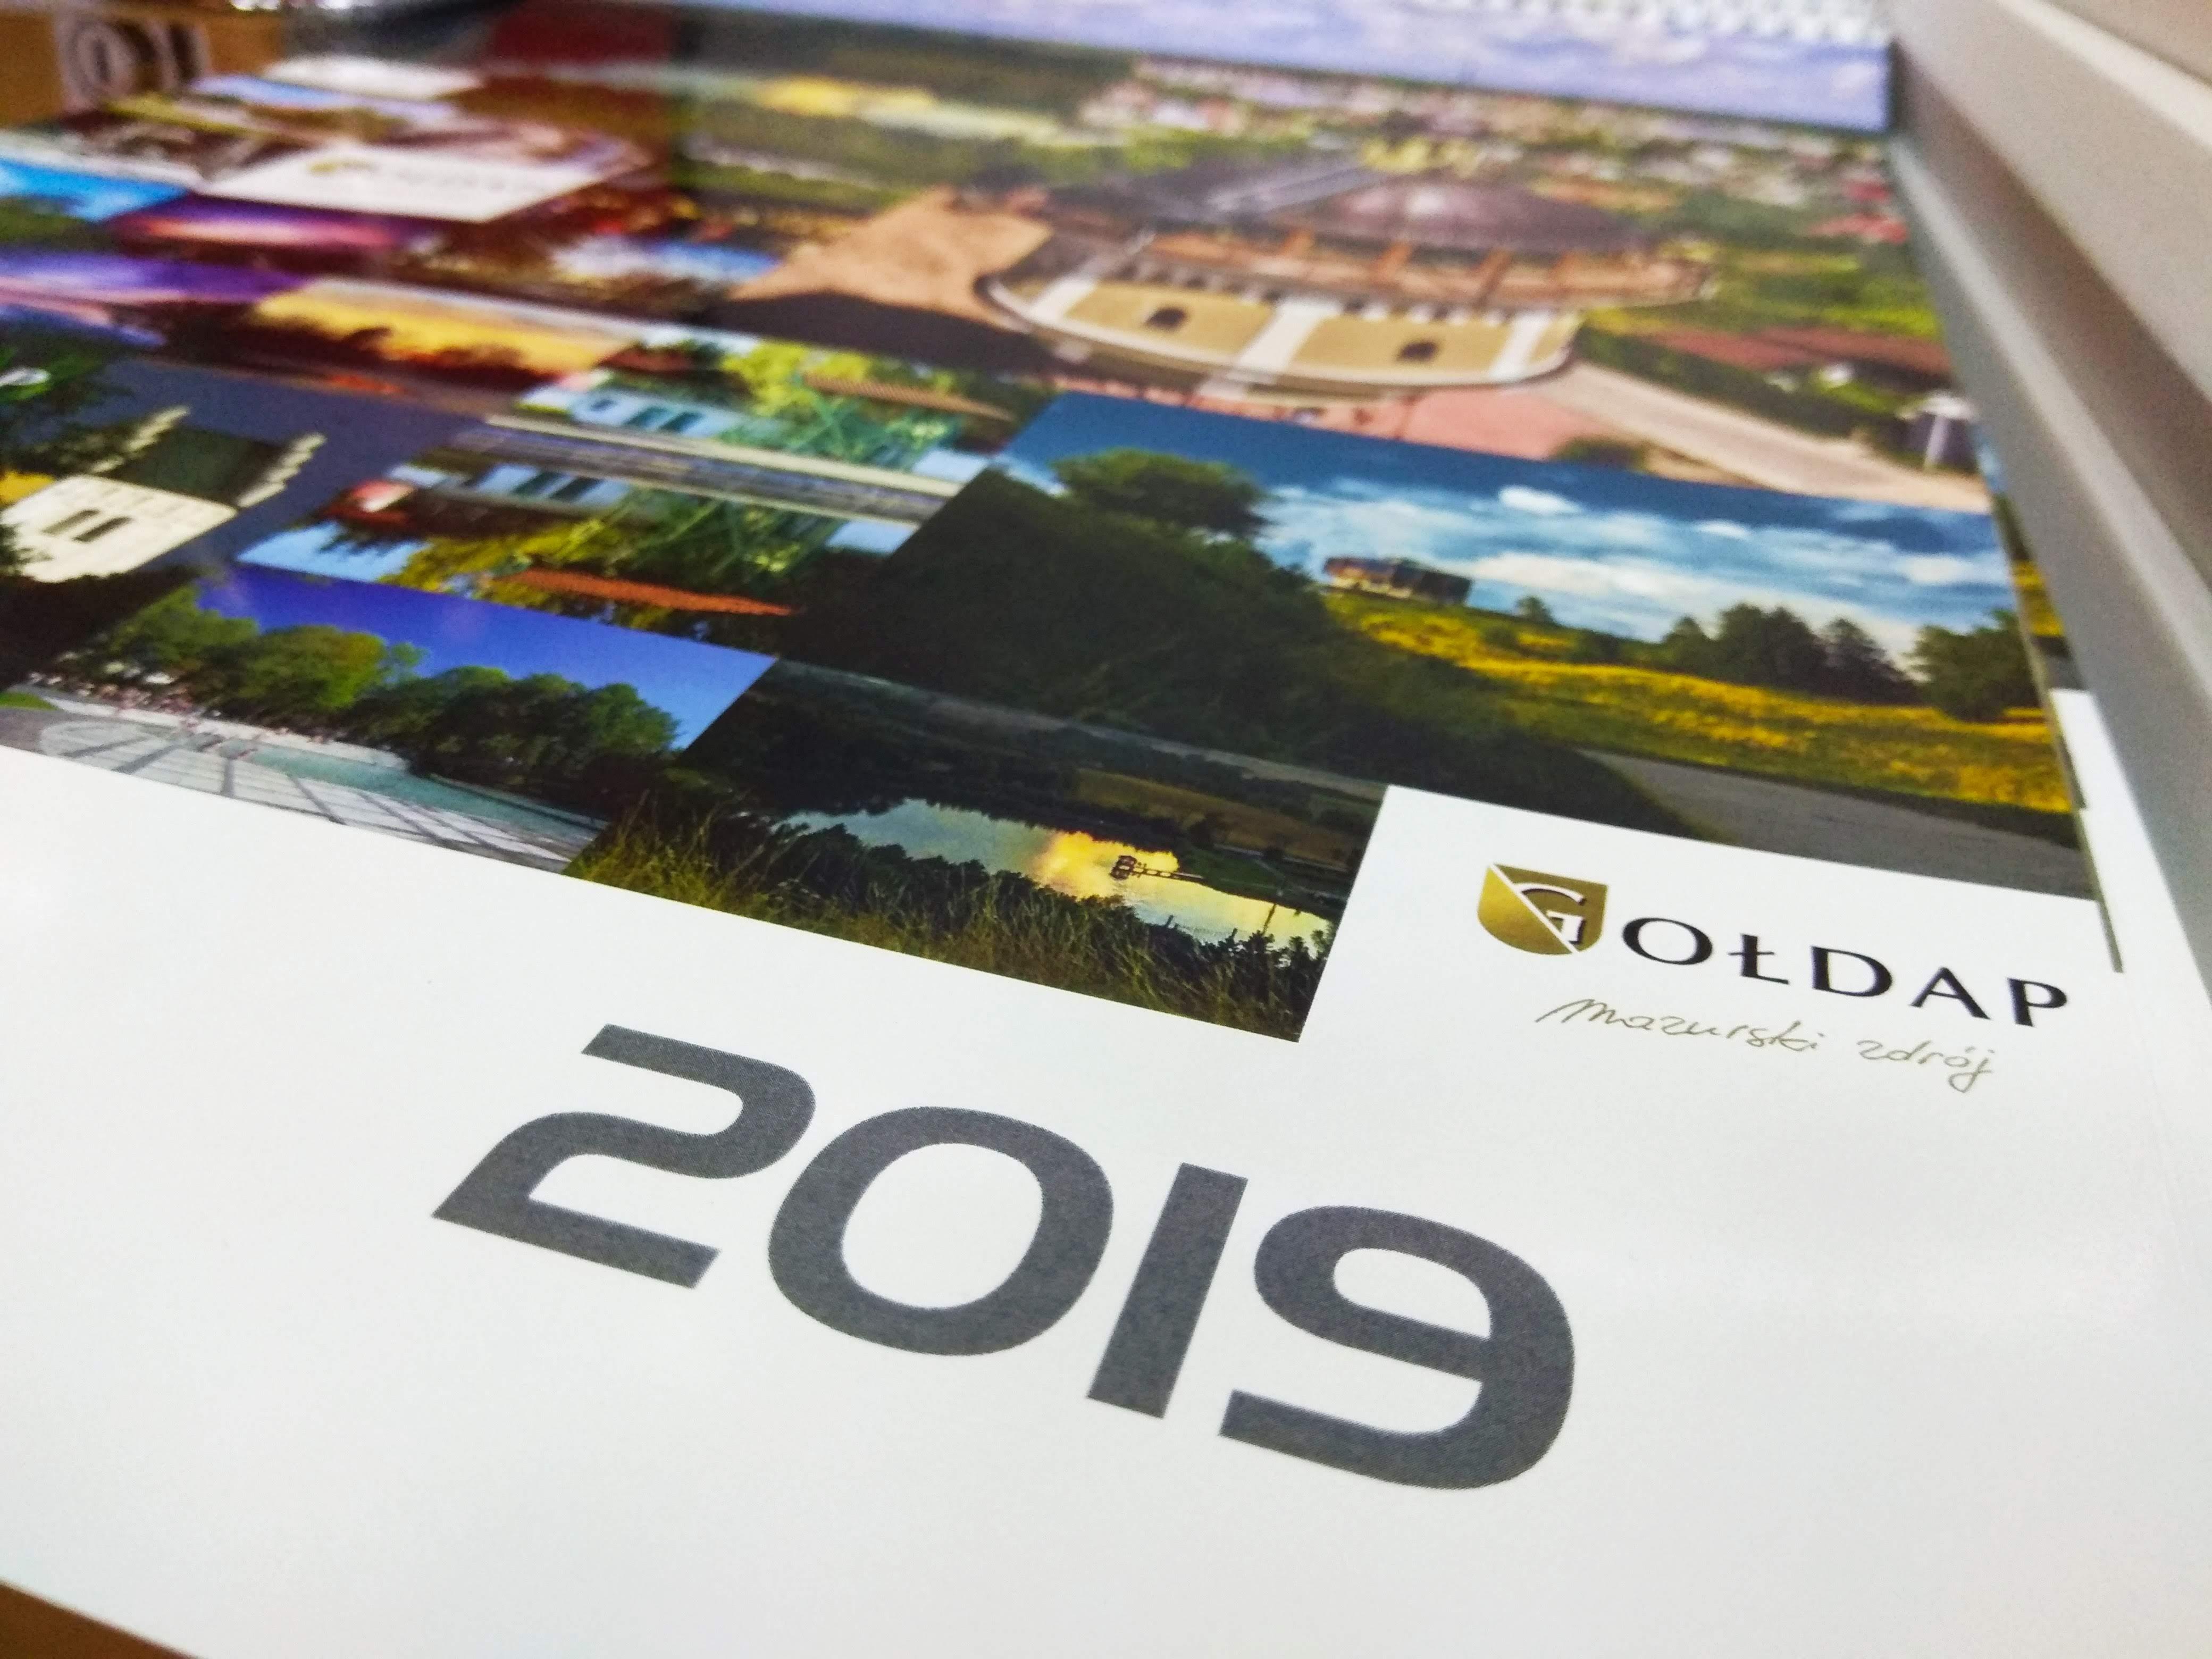 Gołdapskie ścienne kalendarze 2019 już dostępne